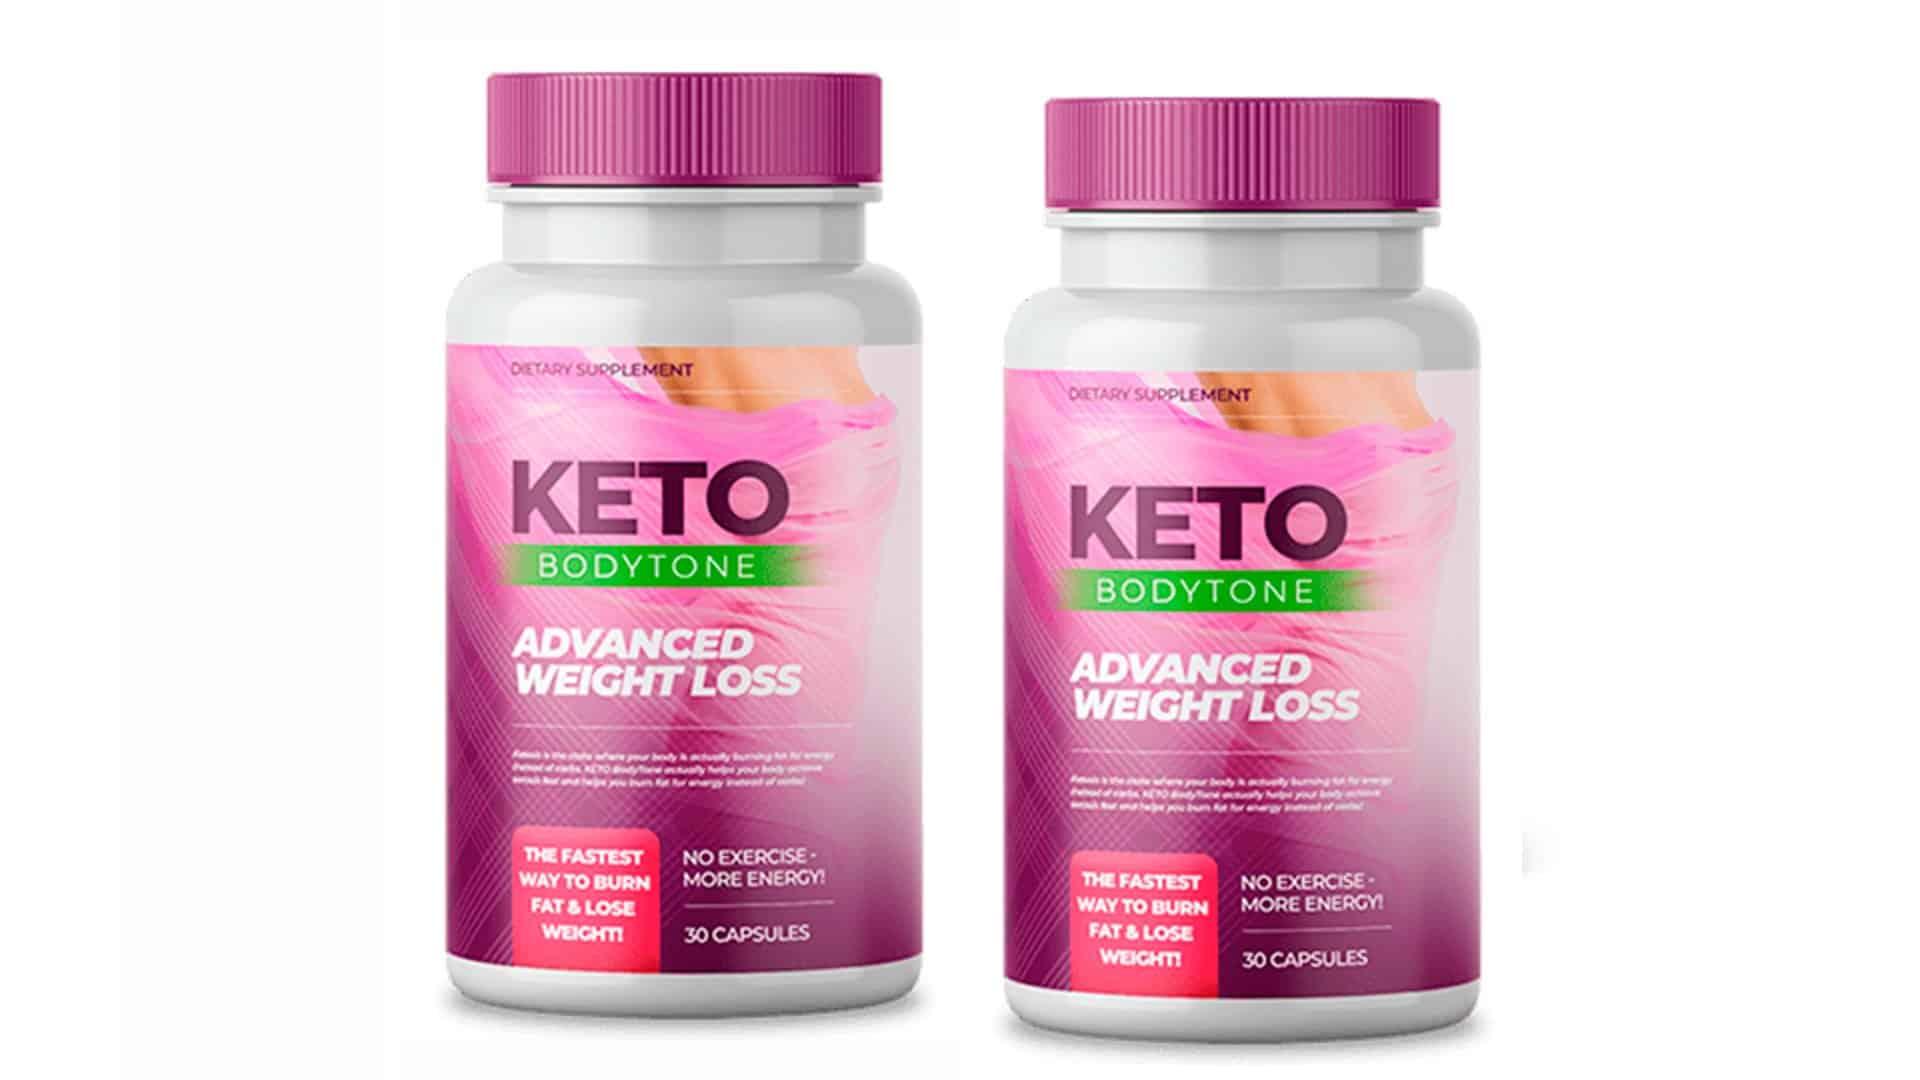 Keto Bodytone avis – Le meilleur brûleur de graisse en 2021